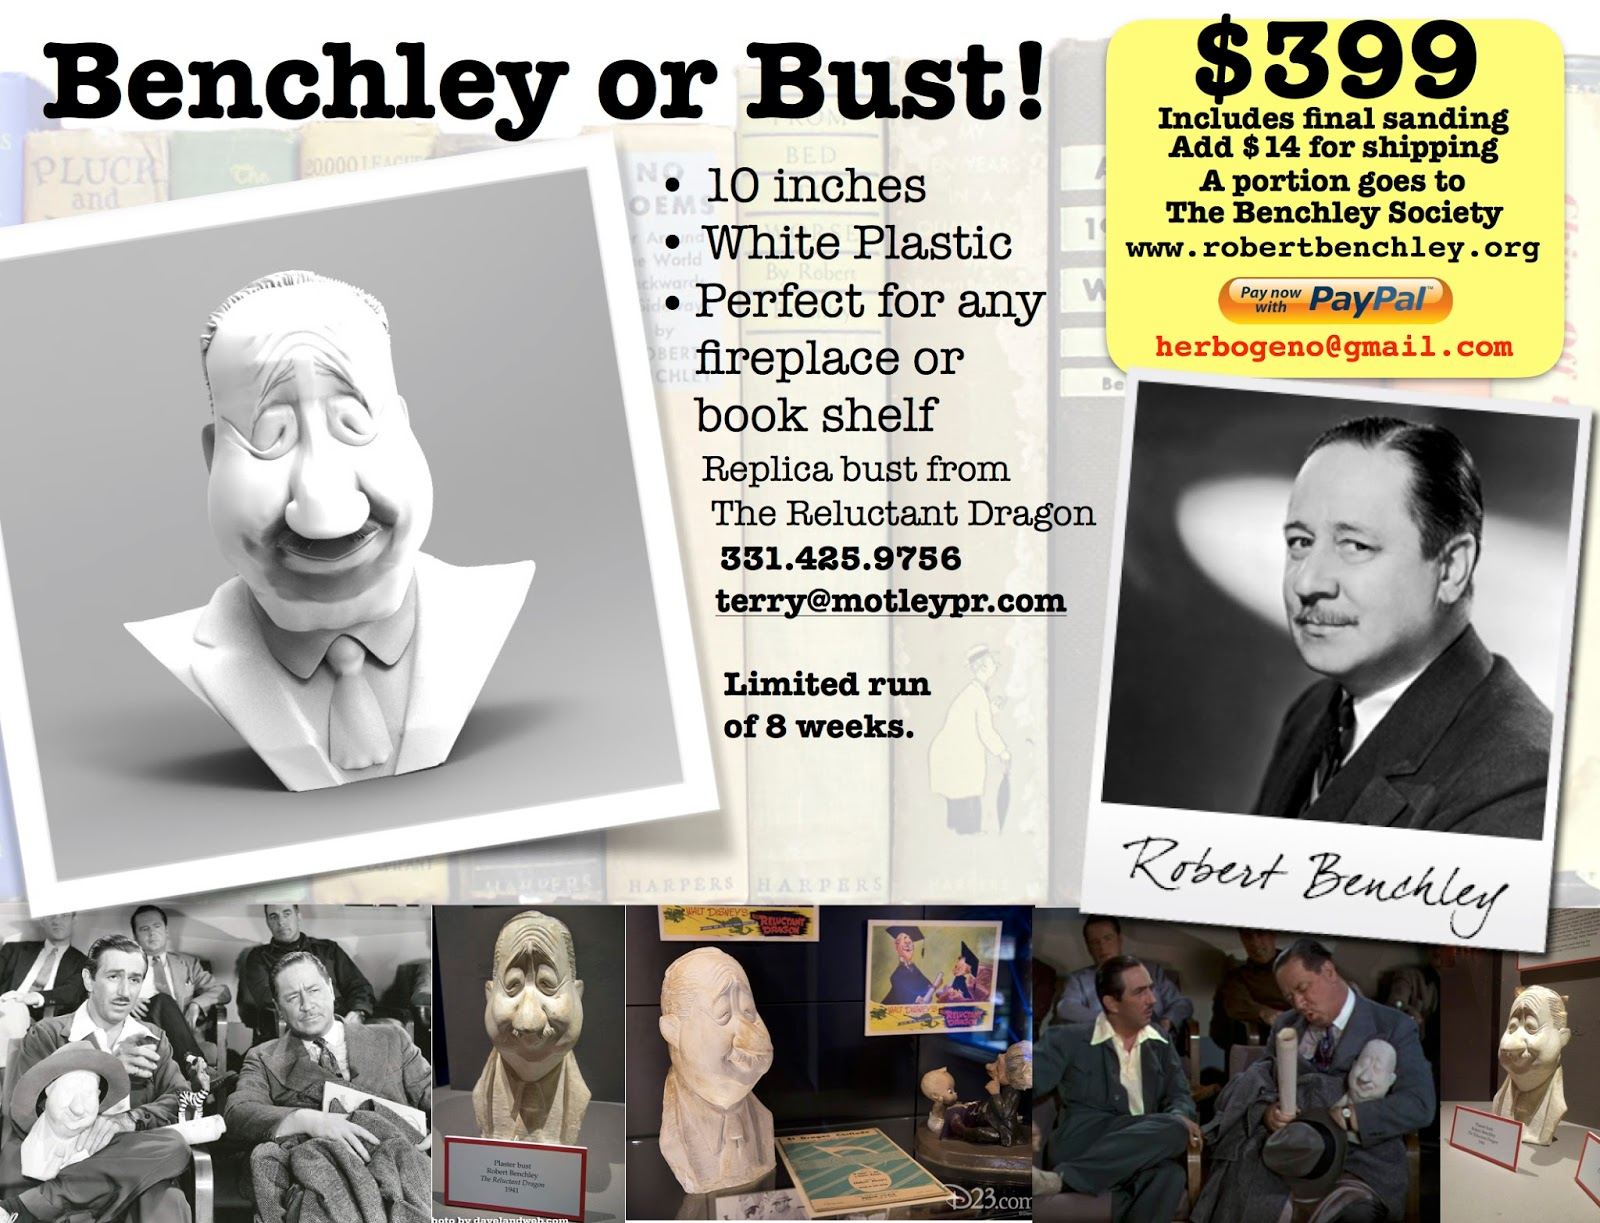 Robert Benchley Society